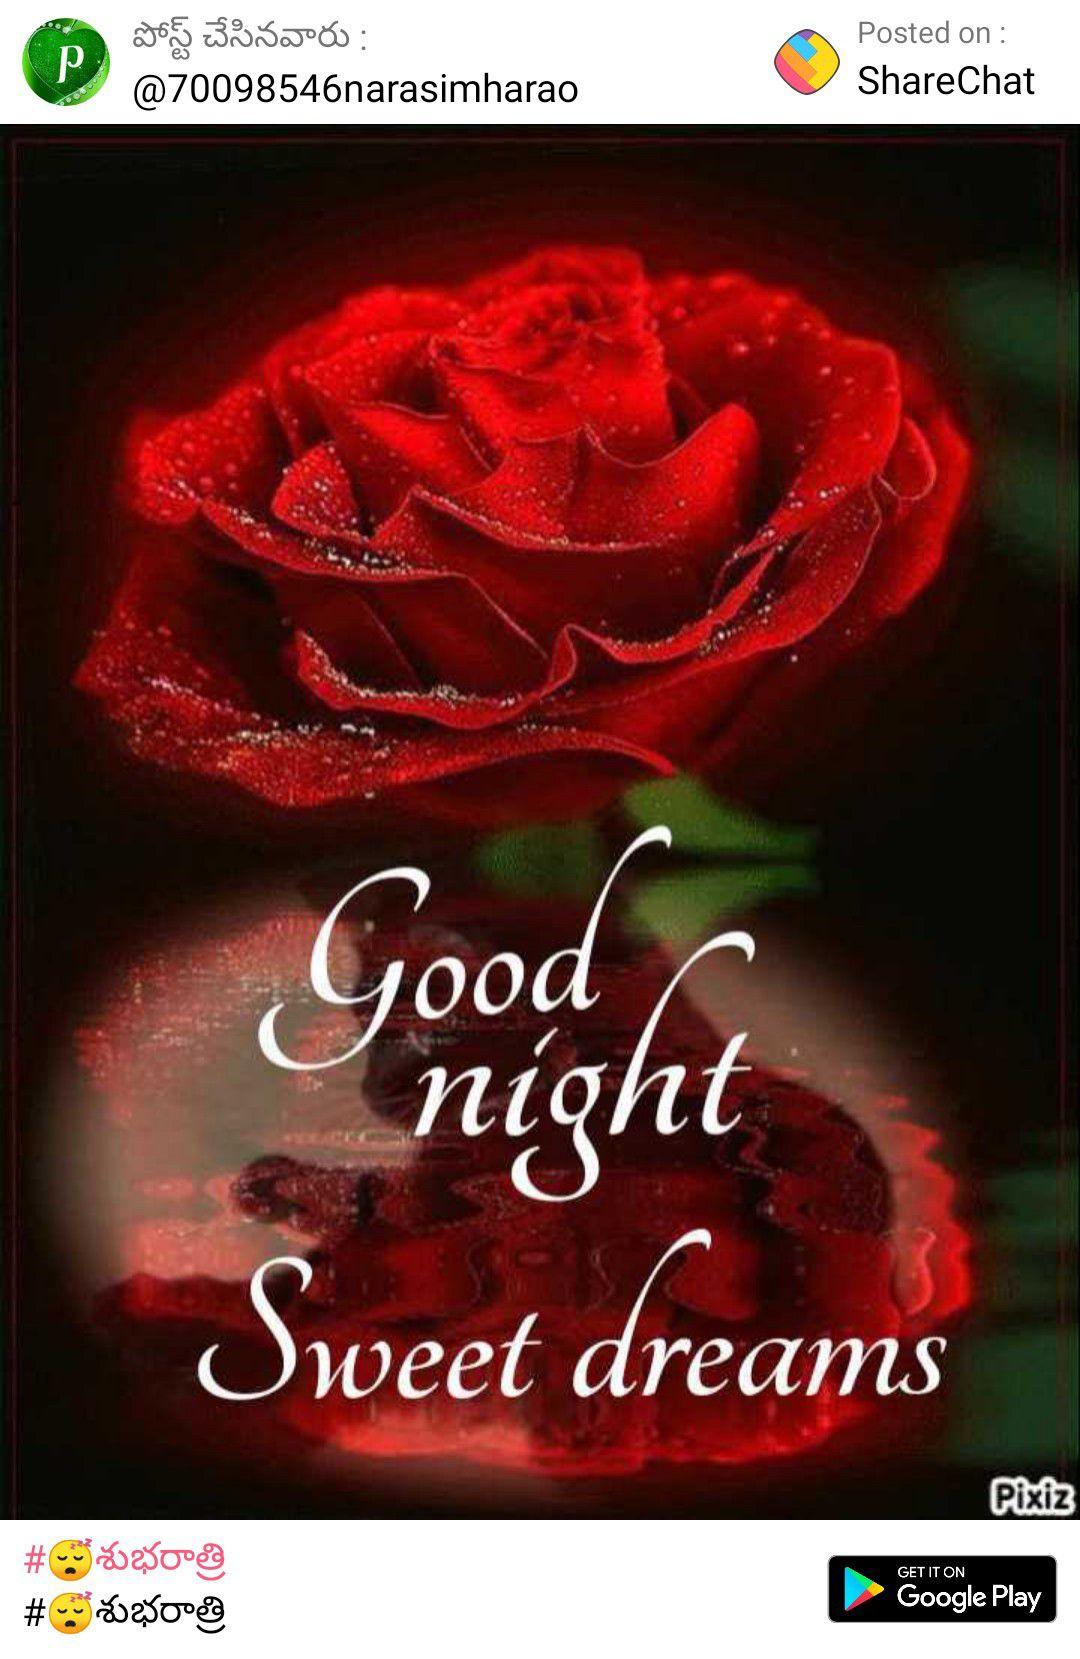 😴శుభరాత్రి - పోస్ట్ చేసినవారు : @ 70098546narasimharao Posted on : ShareChat 9ood night Oweet dreams Pixiz GET IT ON # 3332800 # D2800e Google Play - ShareChat